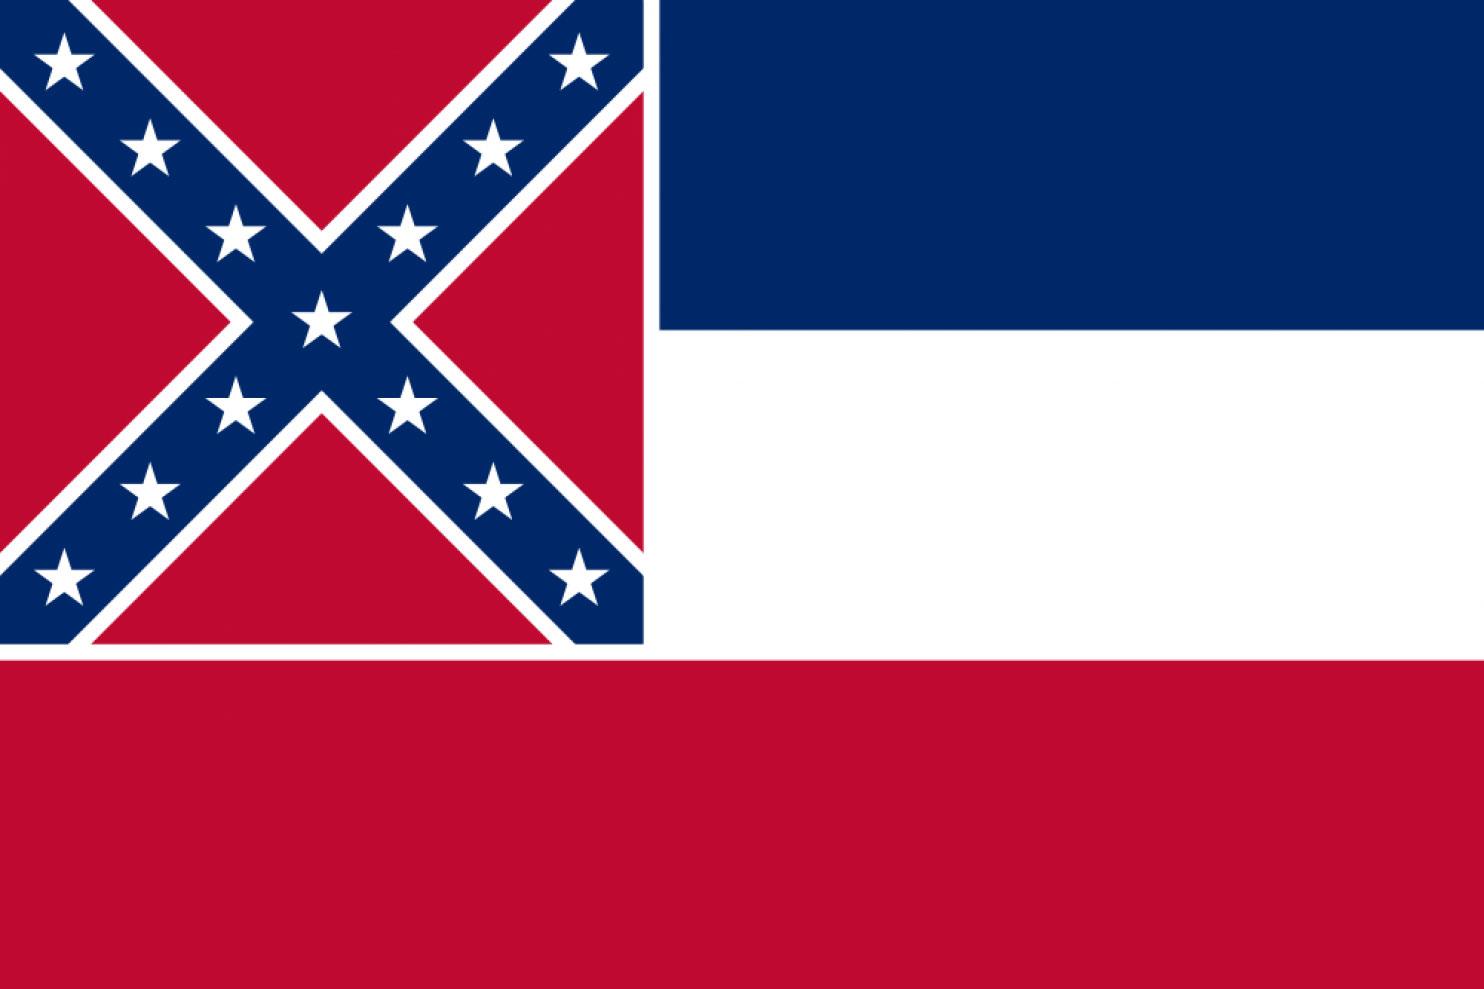 Mississippi_State_Flag.jpg